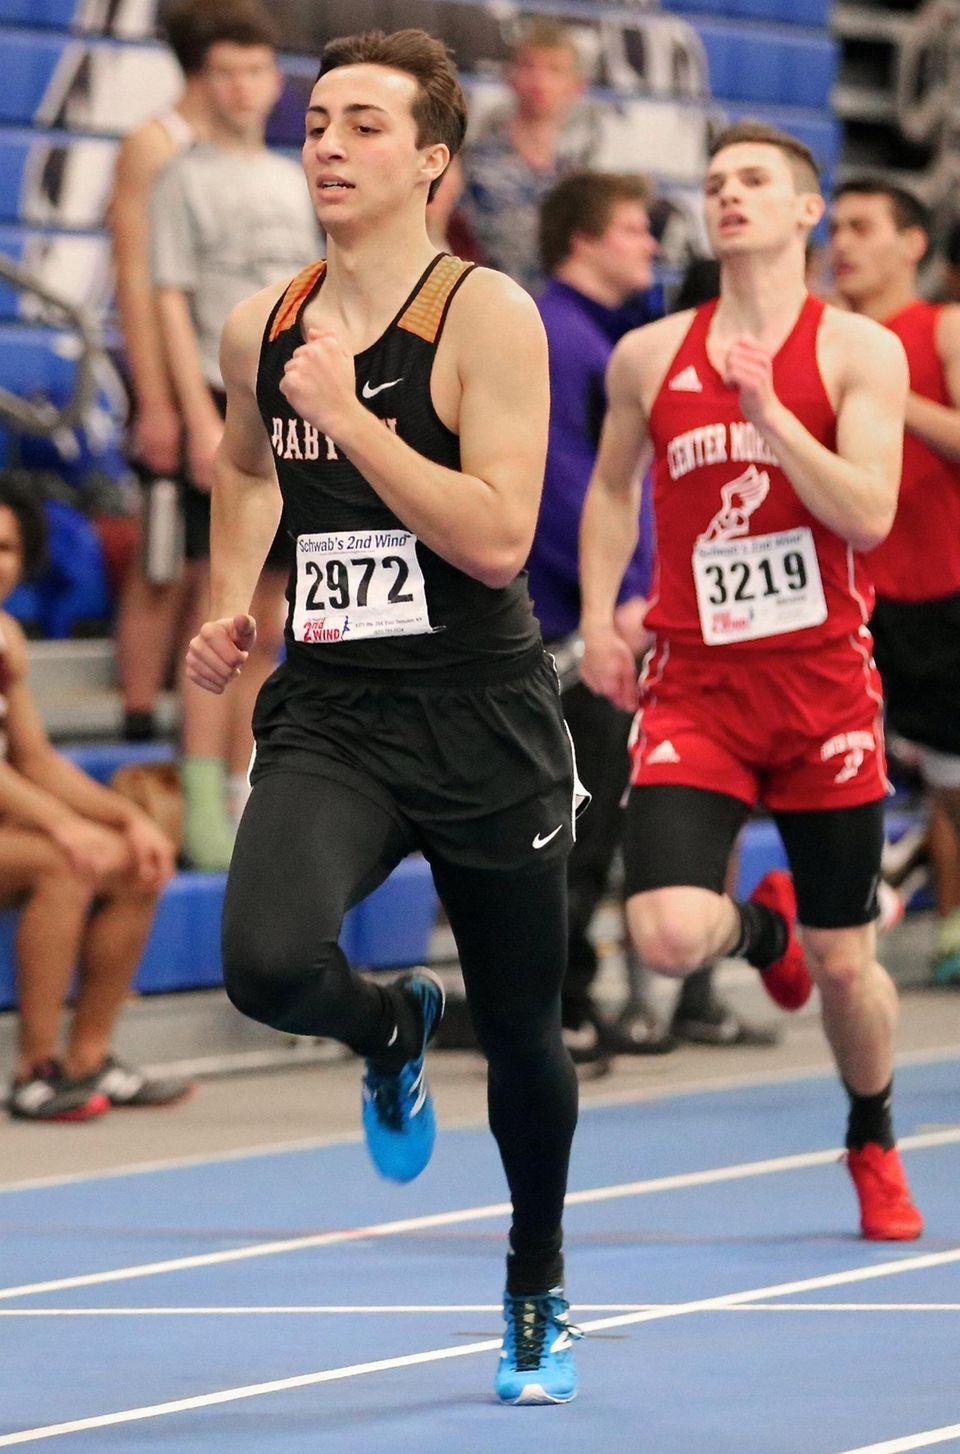 Babylon's Evan Parise wins the 300m dash in